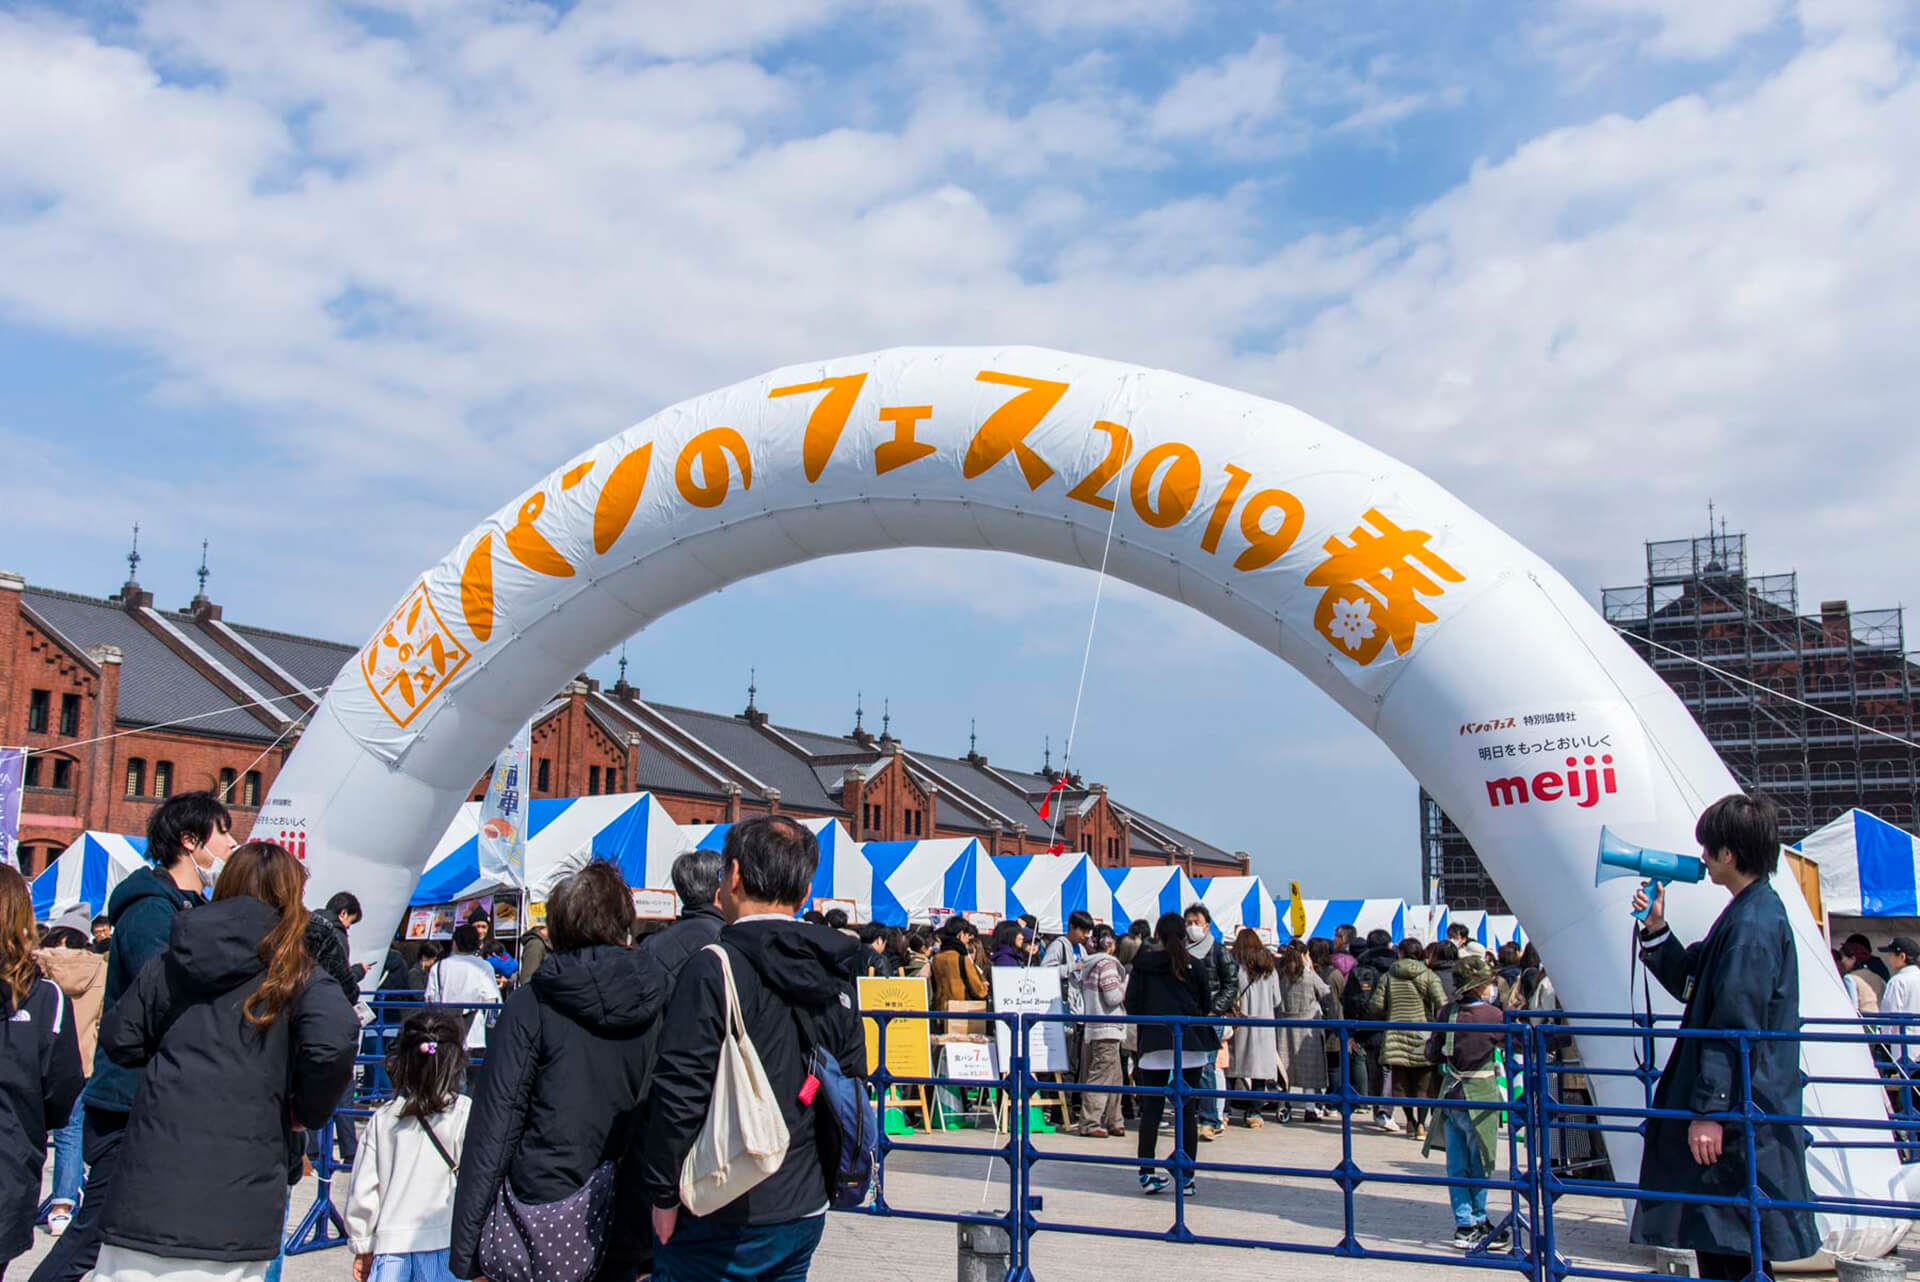 パンのフェス 2019 秋 in 横浜赤レンガの入り口にある大型バルーン